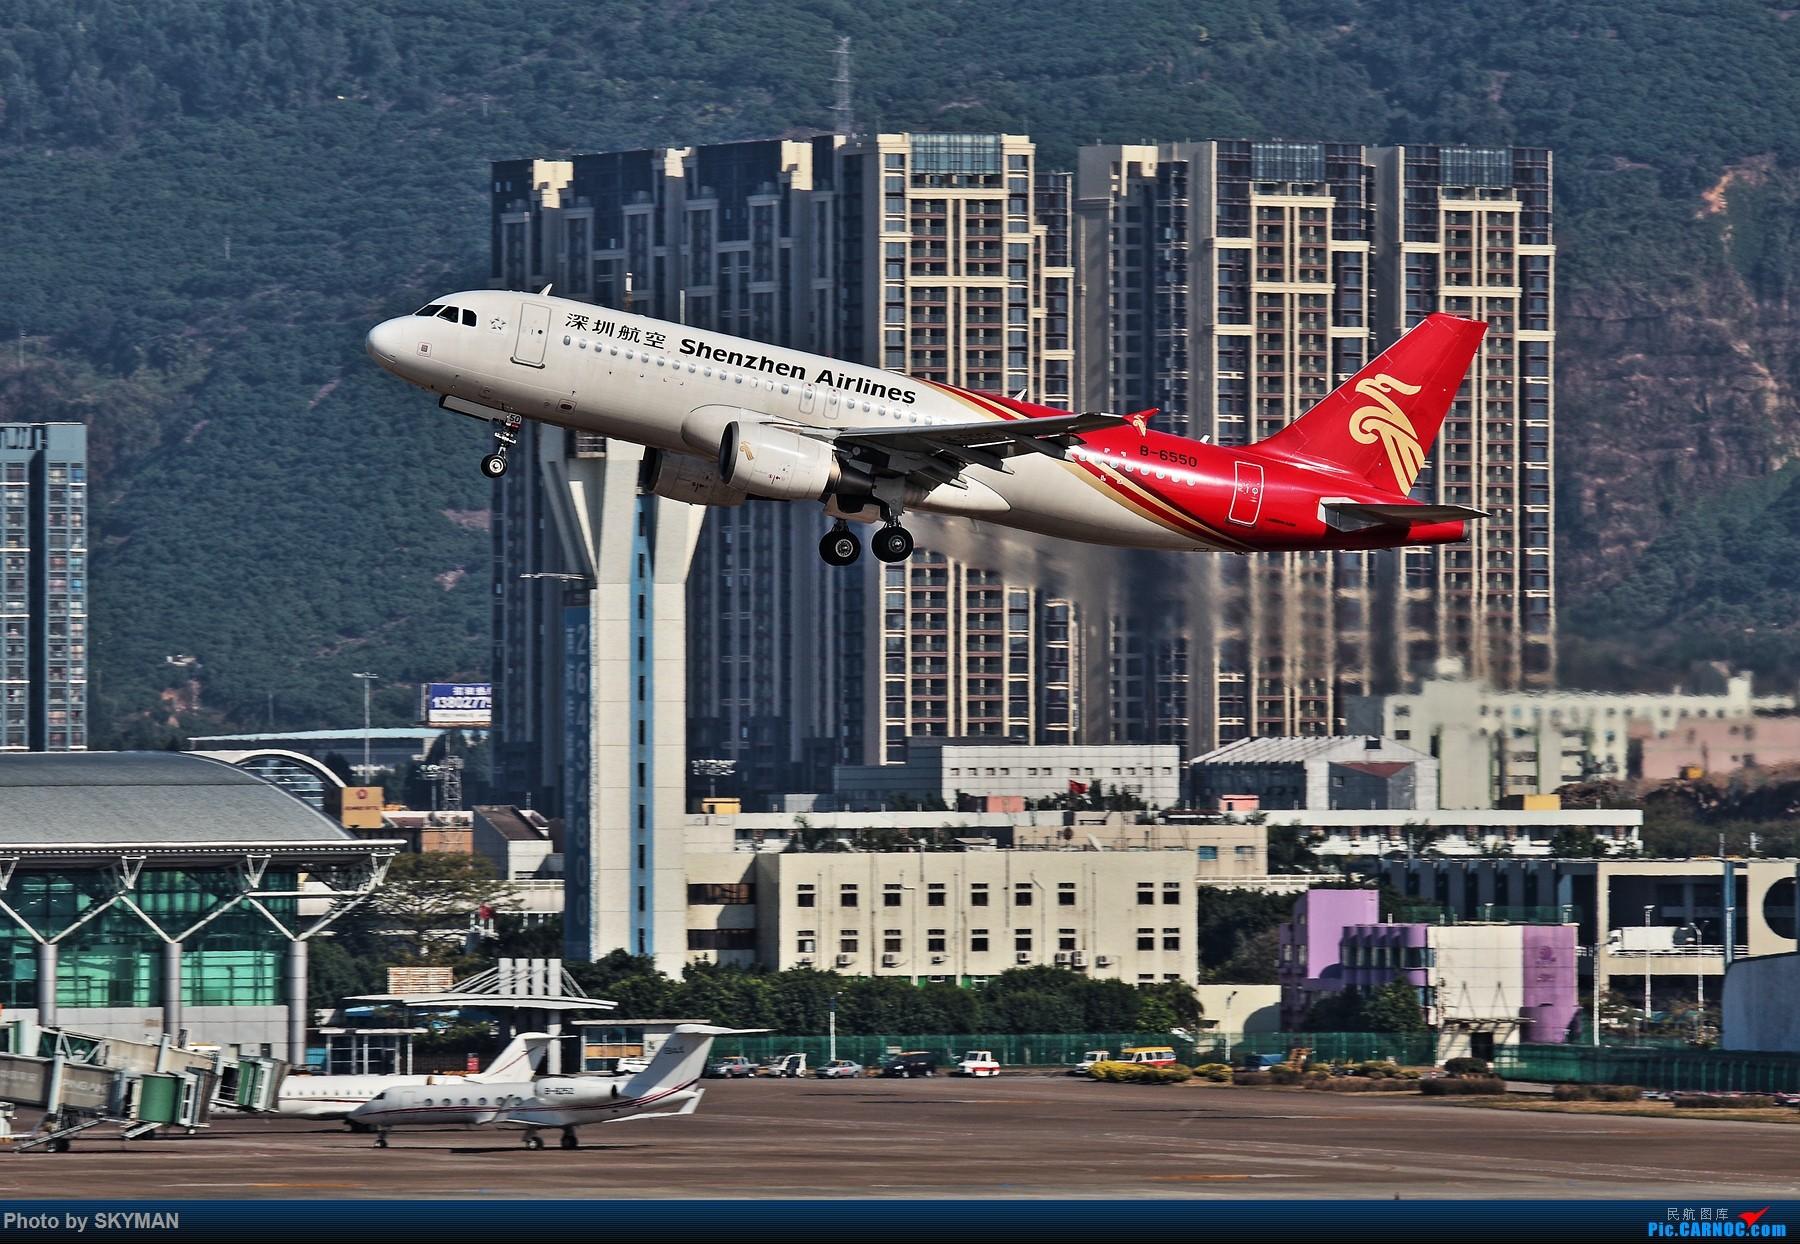 Re:[原创]BLDDQ--某位爷说了 别老是拿几百块的破相机来糊弄 确实机器老了图不够瓷实 得!换感动牌! AIRBUS A320-200 B-6550 中国深圳宝安国际机场